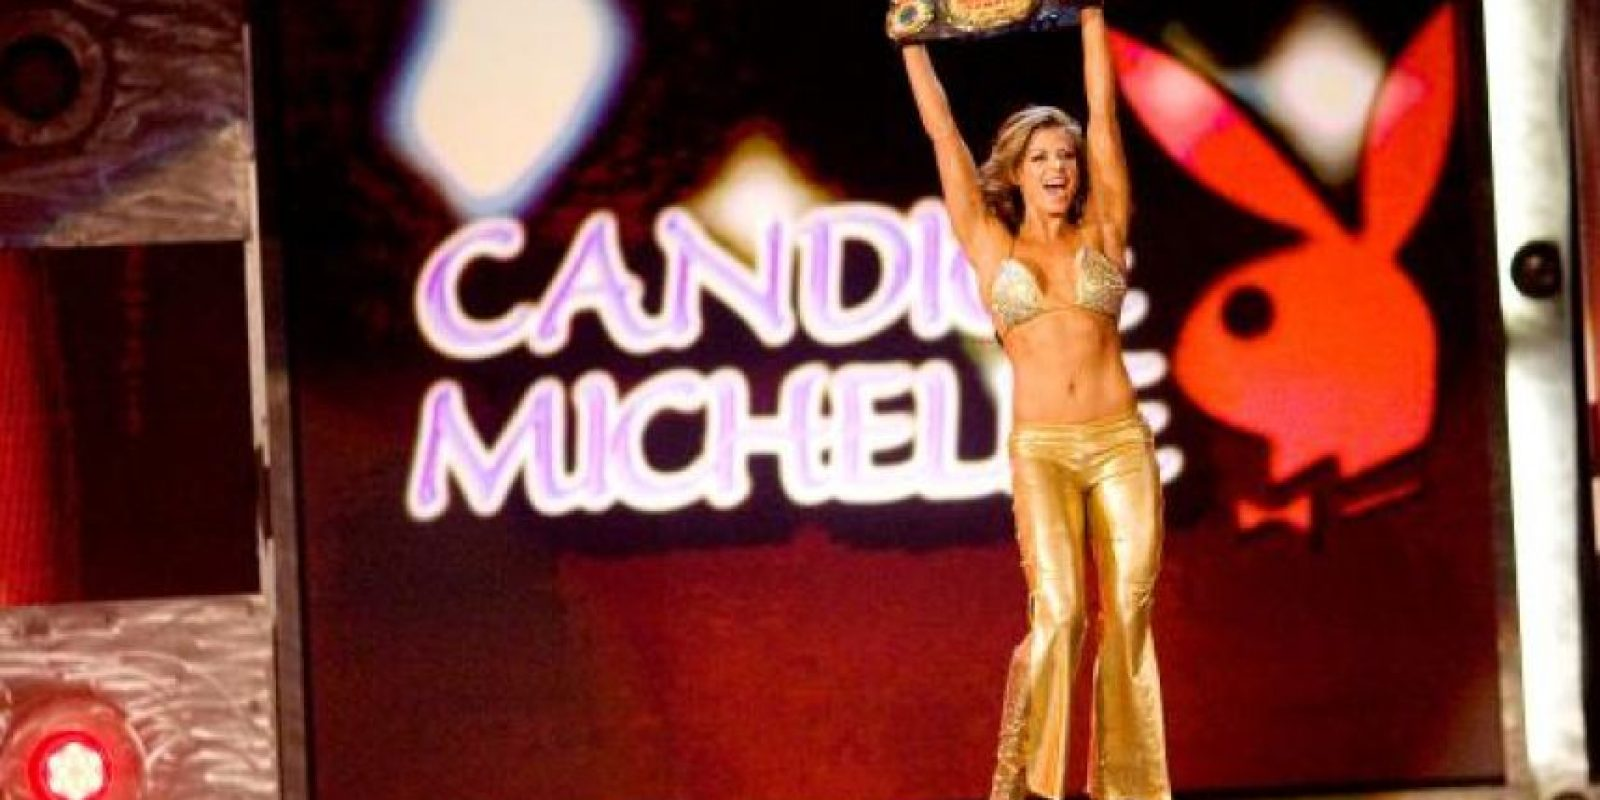 21. Candice Michelle Foto:WWE